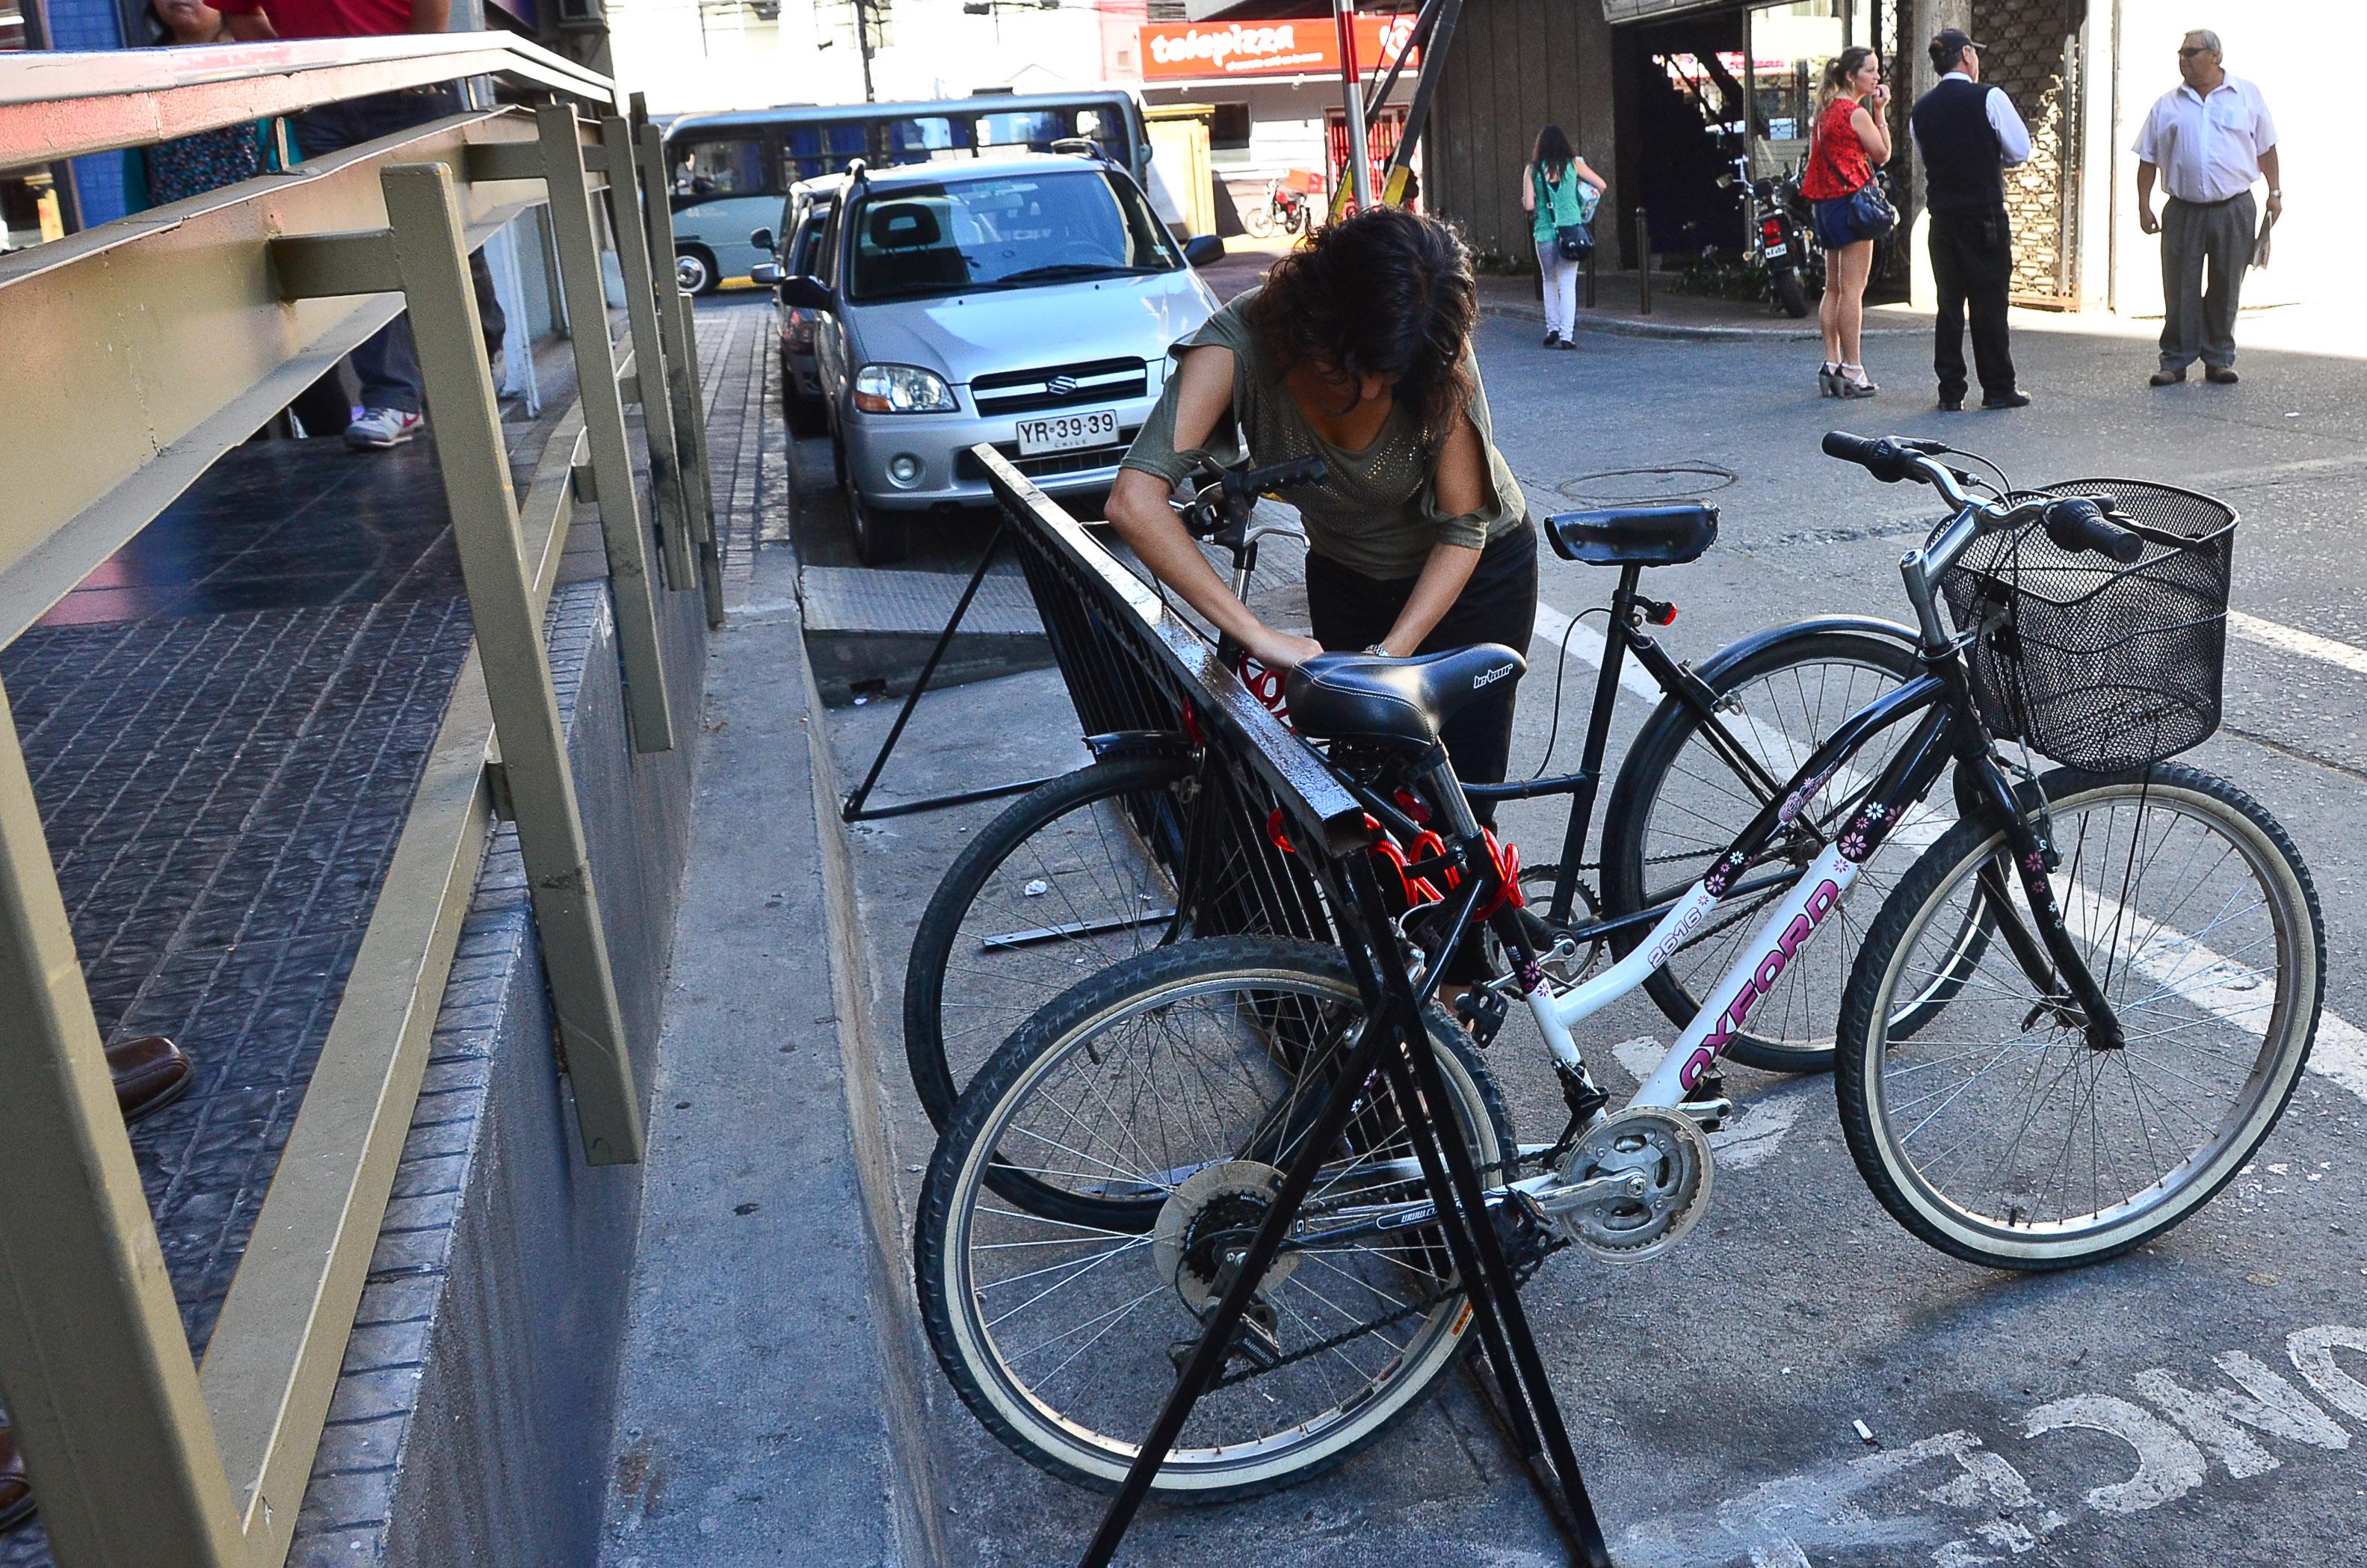 Sexo en bici - 1 part 1